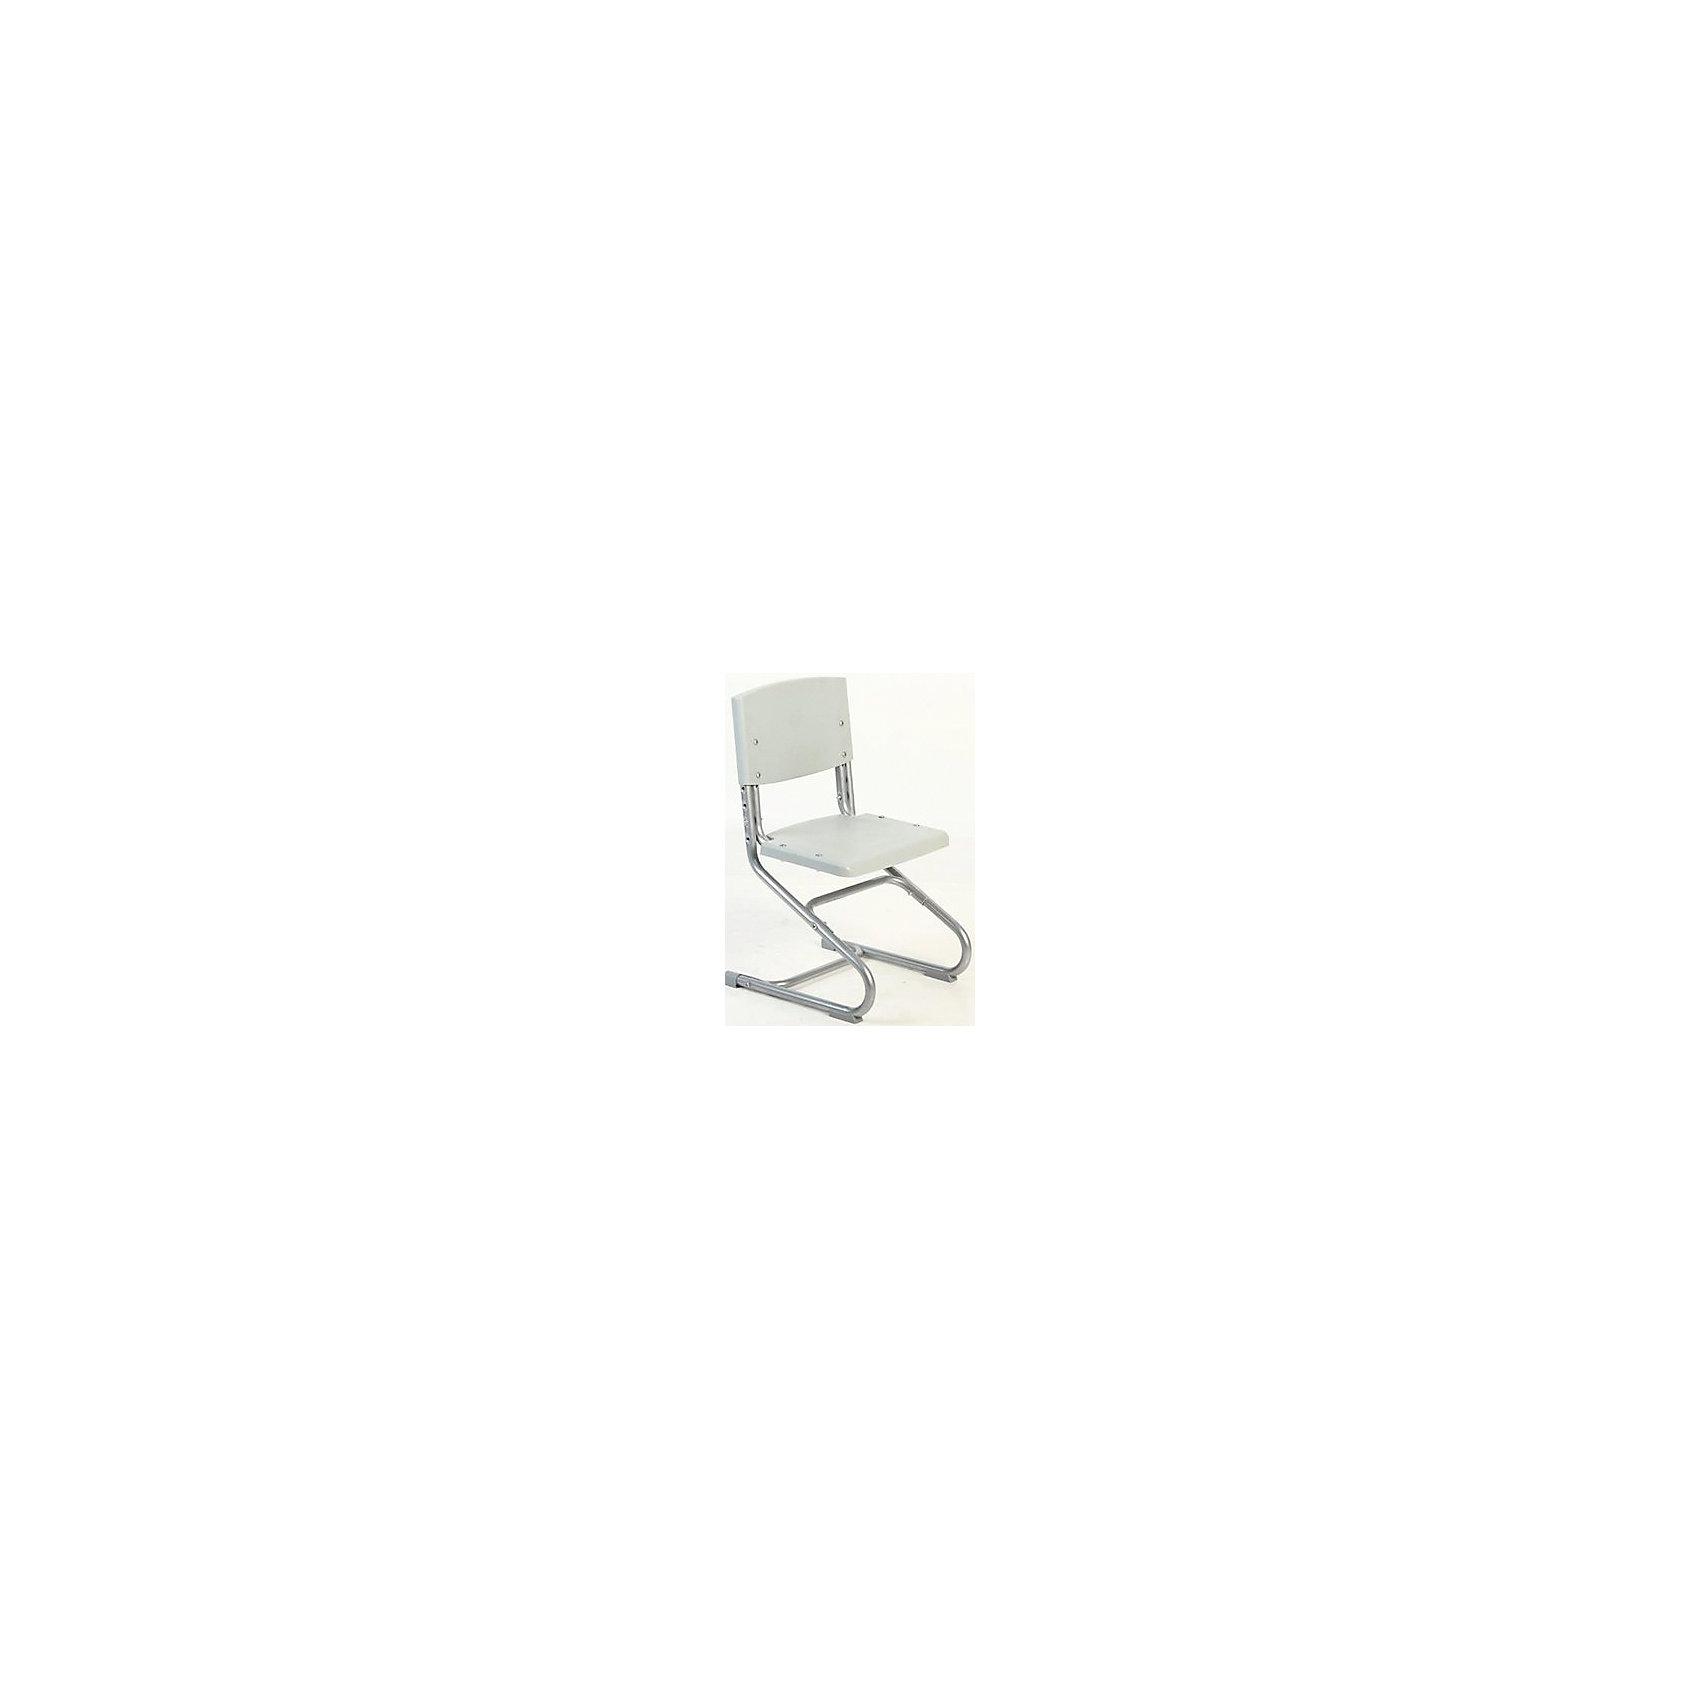 Стул универсальный СУТ.01-01, Дэми, серый  в прикроватной тумбочке управление